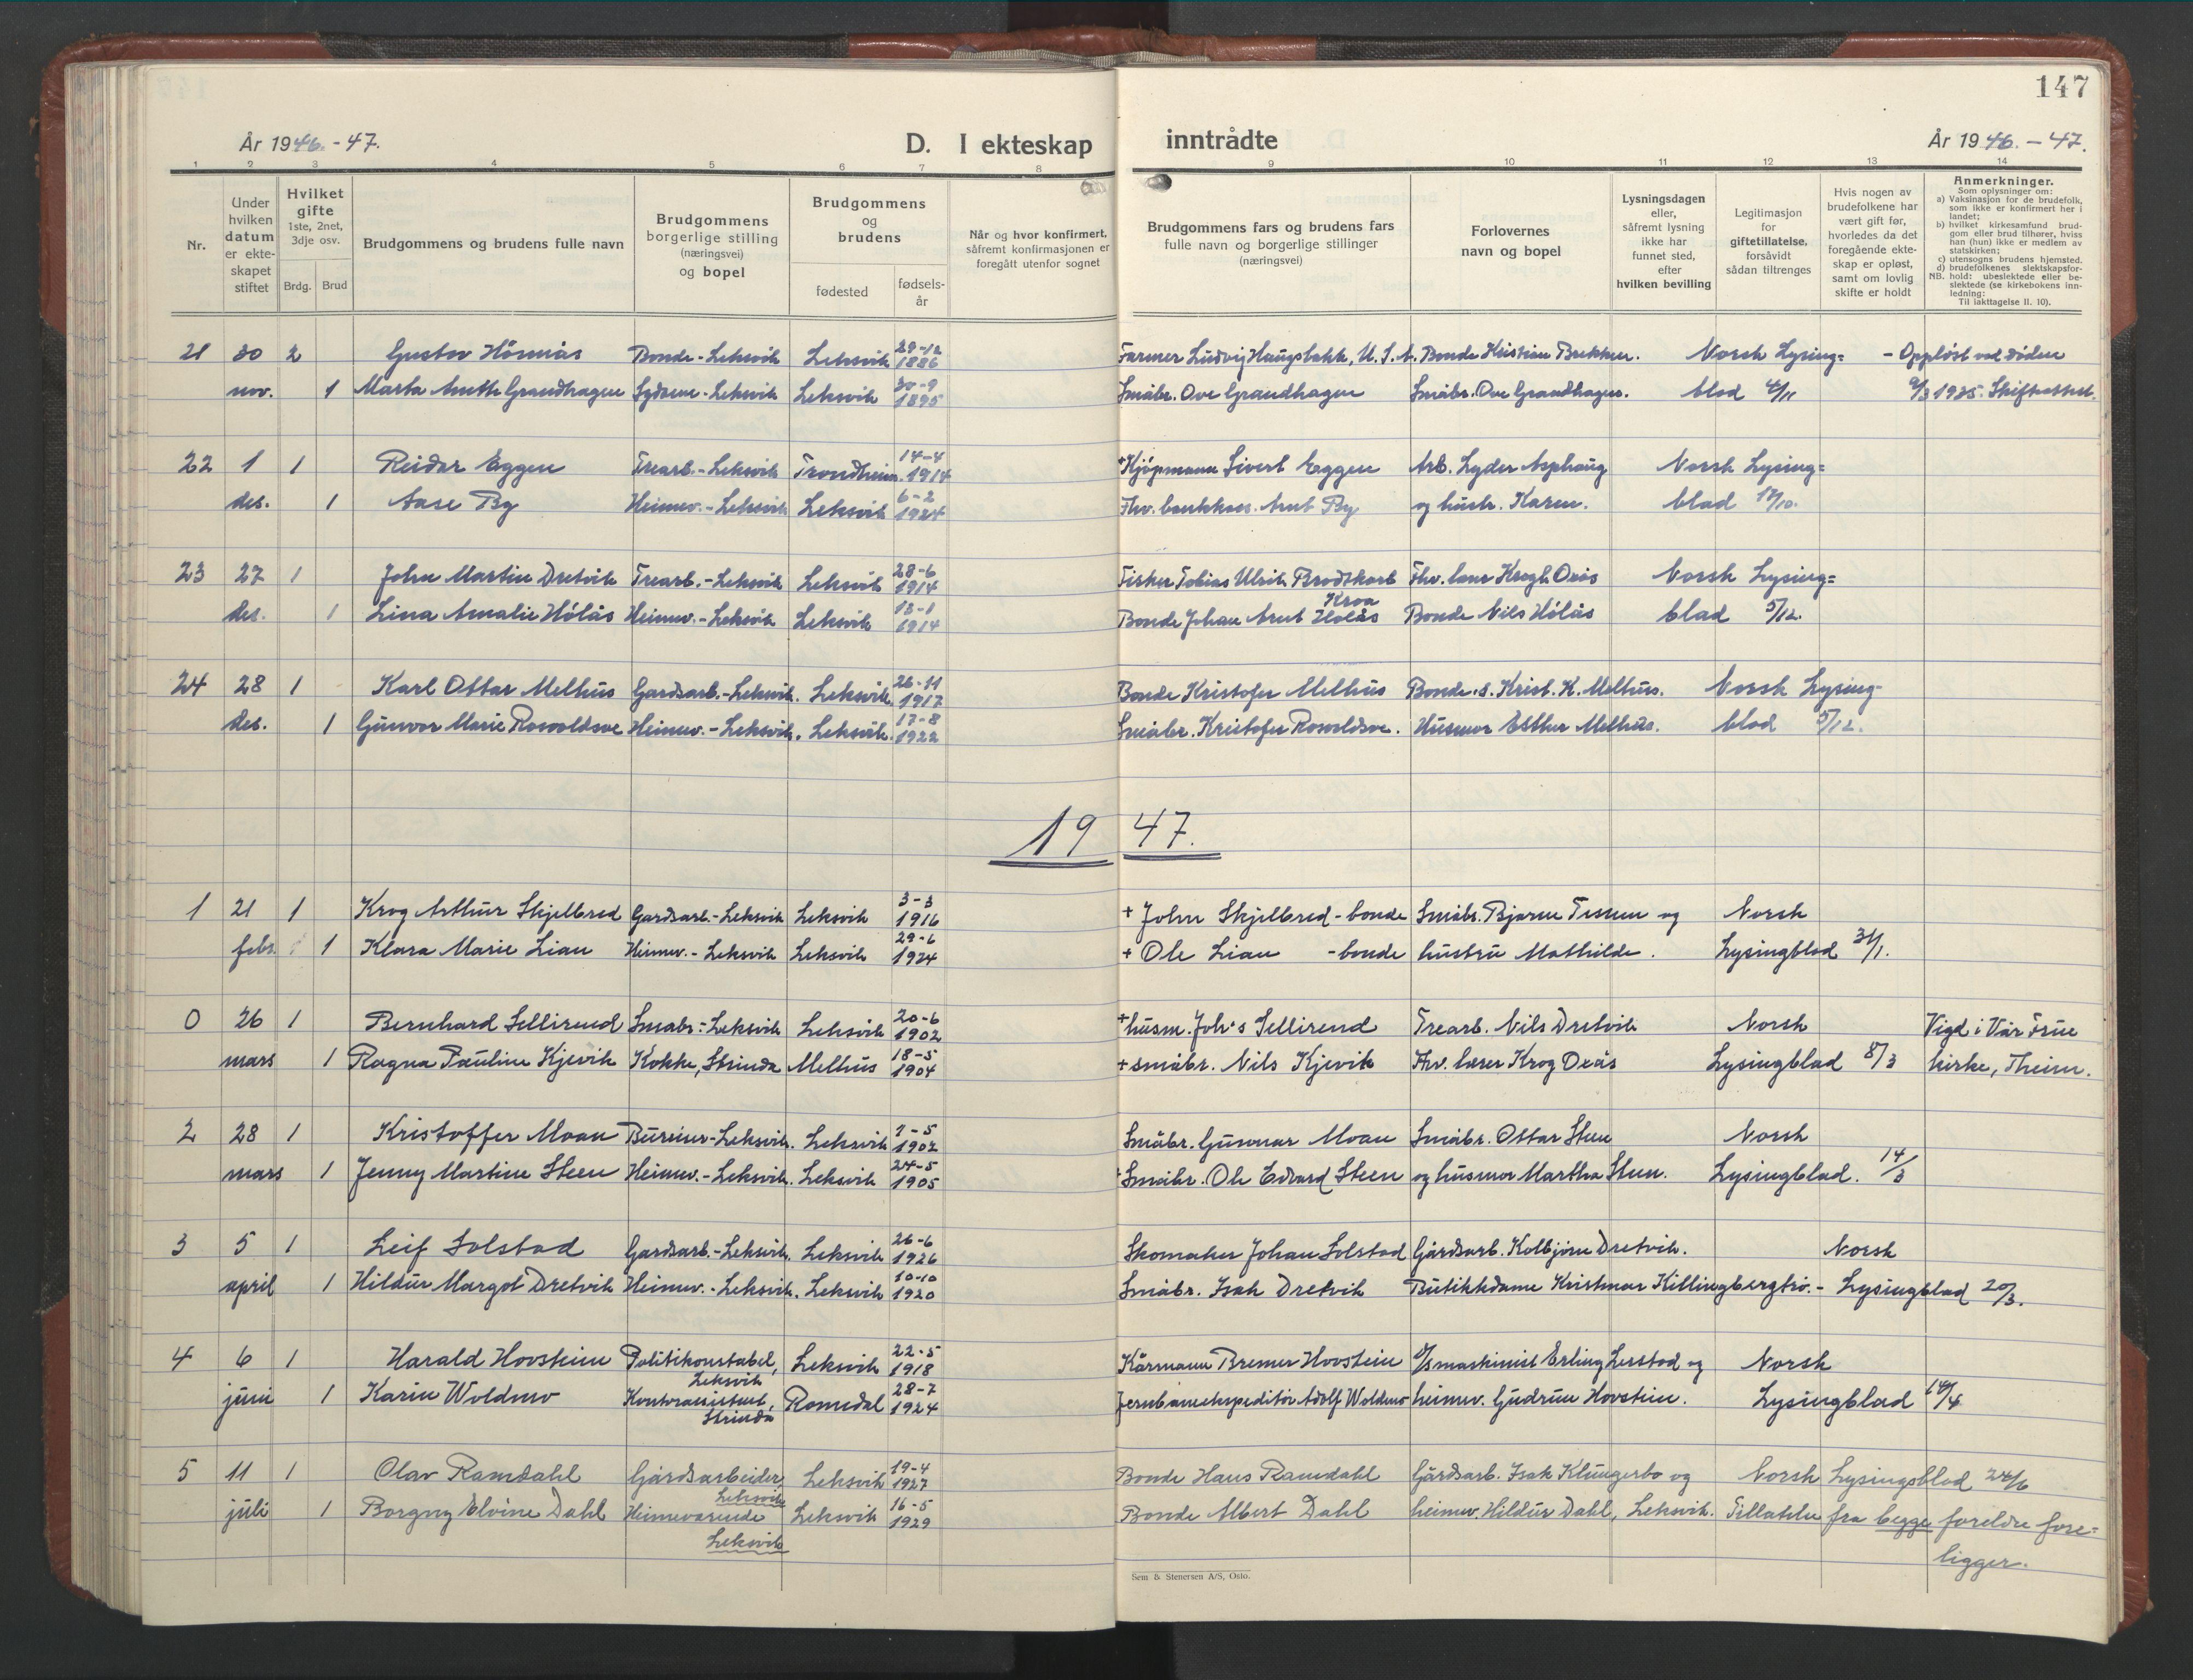 SAT, Ministerialprotokoller, klokkerbøker og fødselsregistre - Nord-Trøndelag, 701/L0019: Klokkerbok nr. 701C03, 1930-1953, s. 147